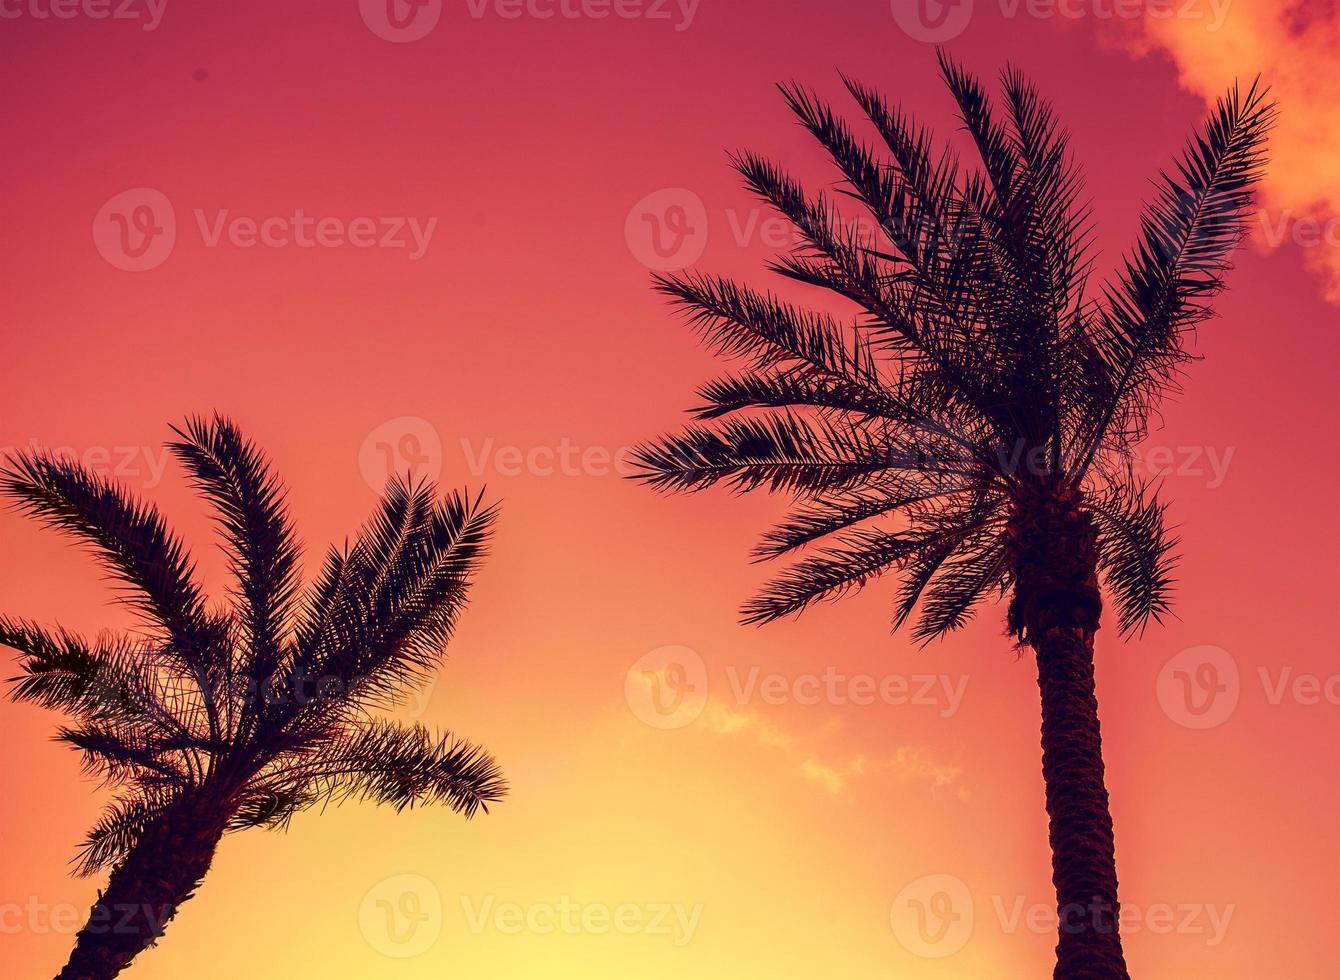 palmeiras tropicais vintage contra o céu ao pôr do sol foto